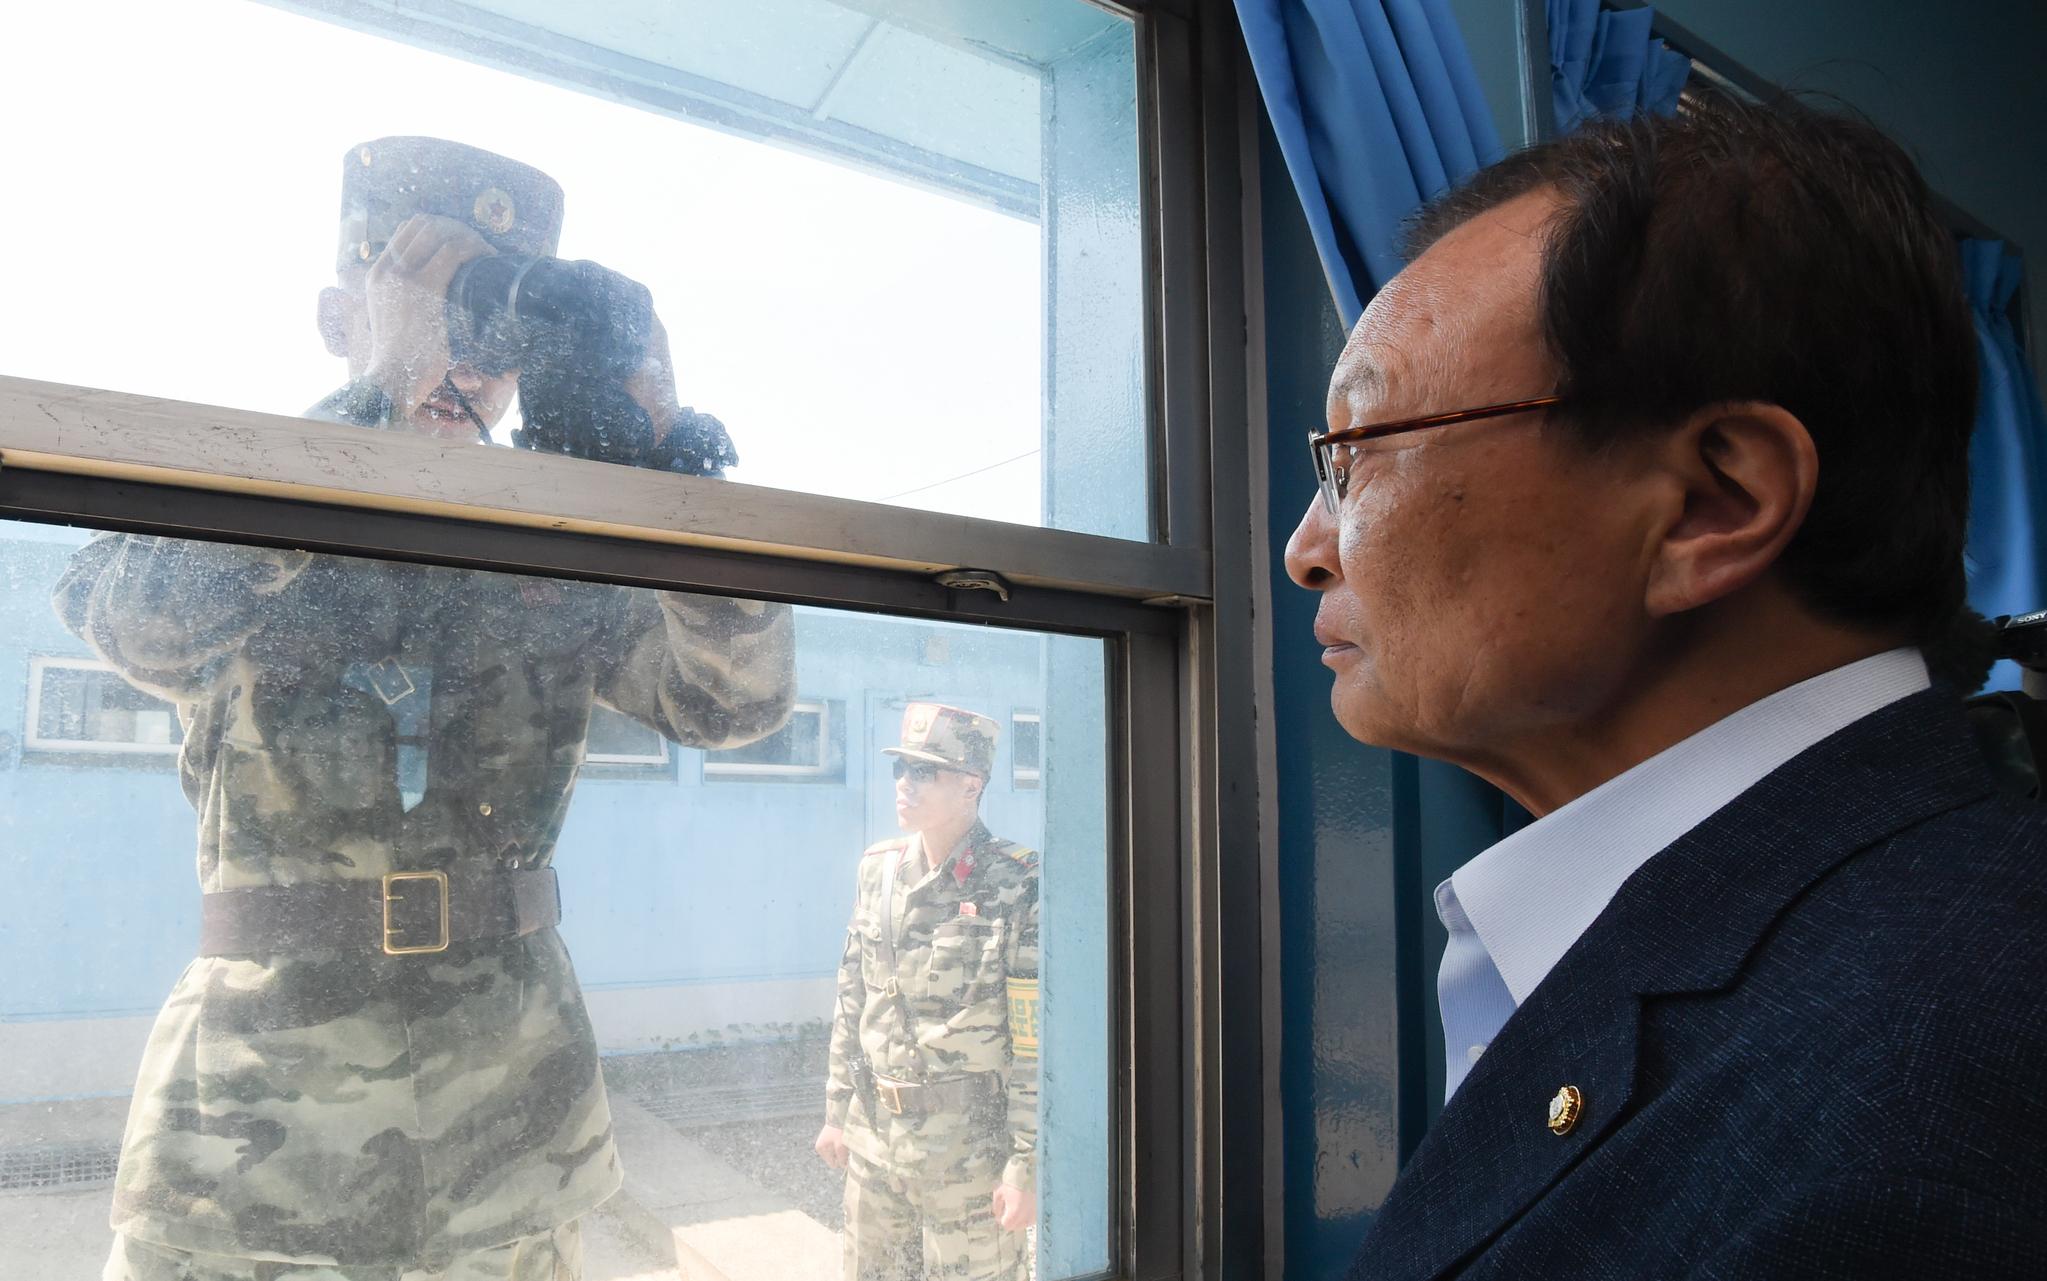 이해찬 더불어민주당 대표가 31일 오전 경기도 파주시 판문점에서 최고위원회의를 시작하기 앞서 T2회담장을 둘러보는 도중 망원경으로 내부를 들여다보는 북한군을 보고있다.국회사진기자단